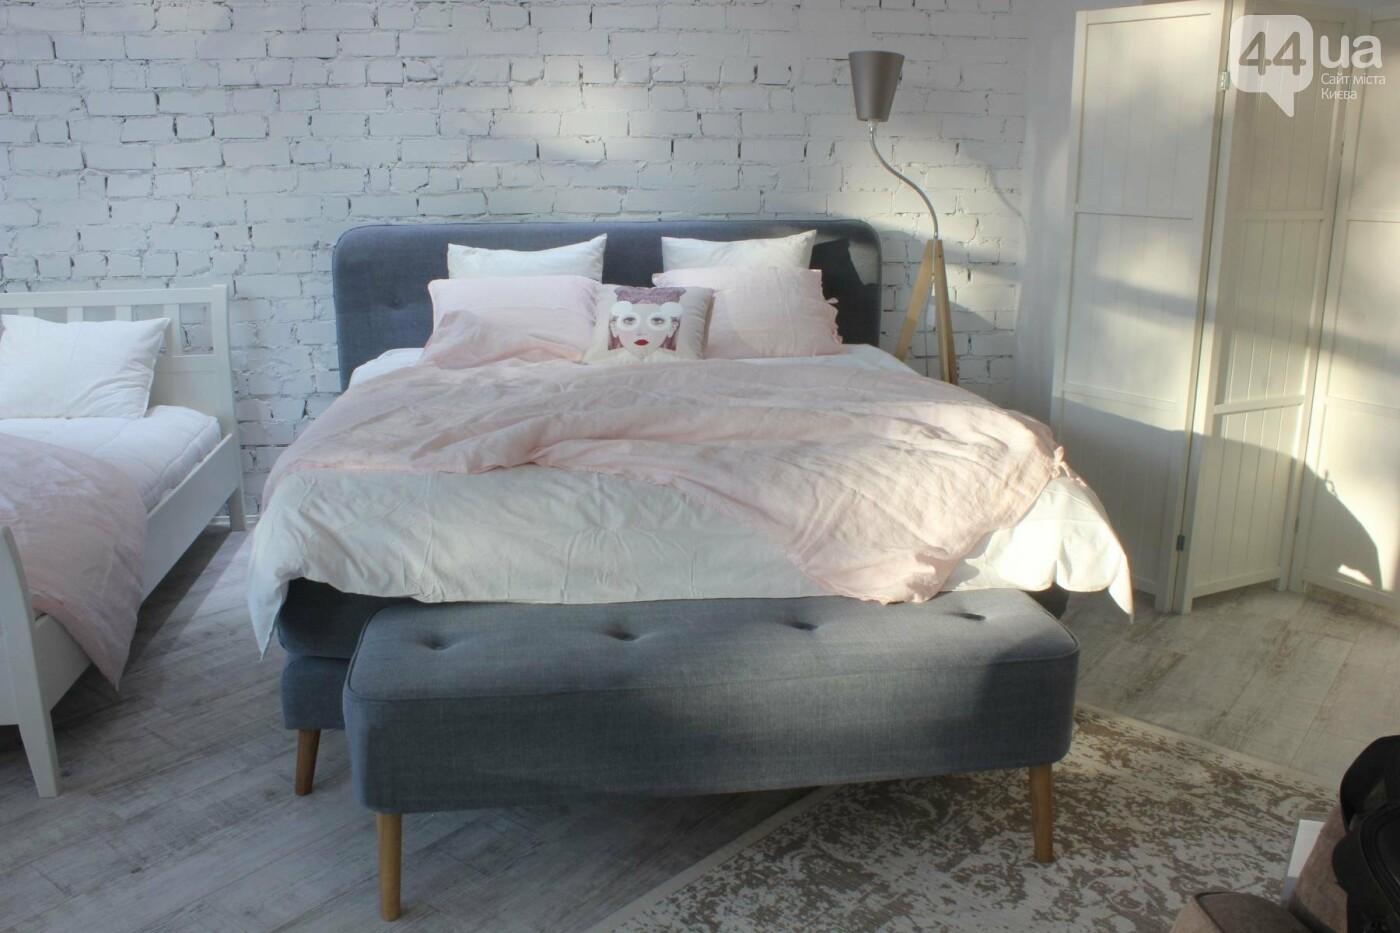 Обзор мебельных компаний Киева: какую мебель выбрать?, фото-41